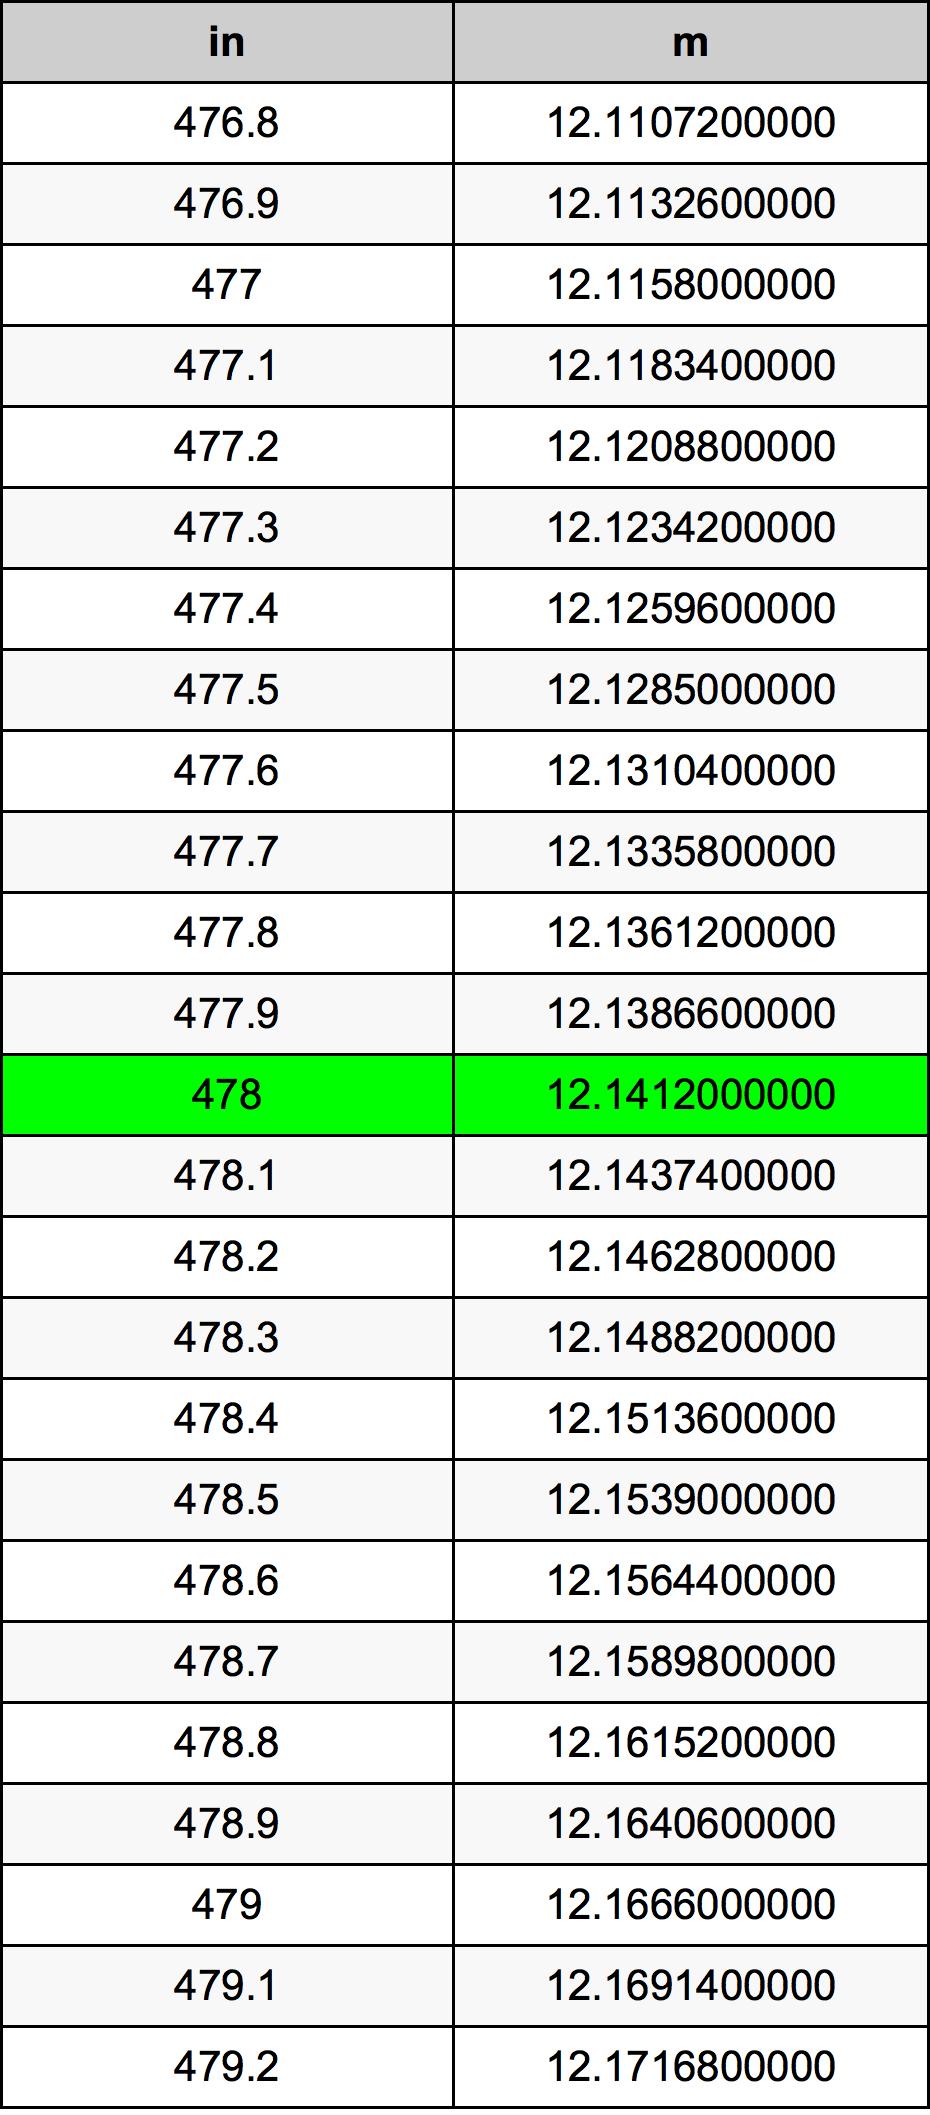 478 Pulzier konverżjoni tabella